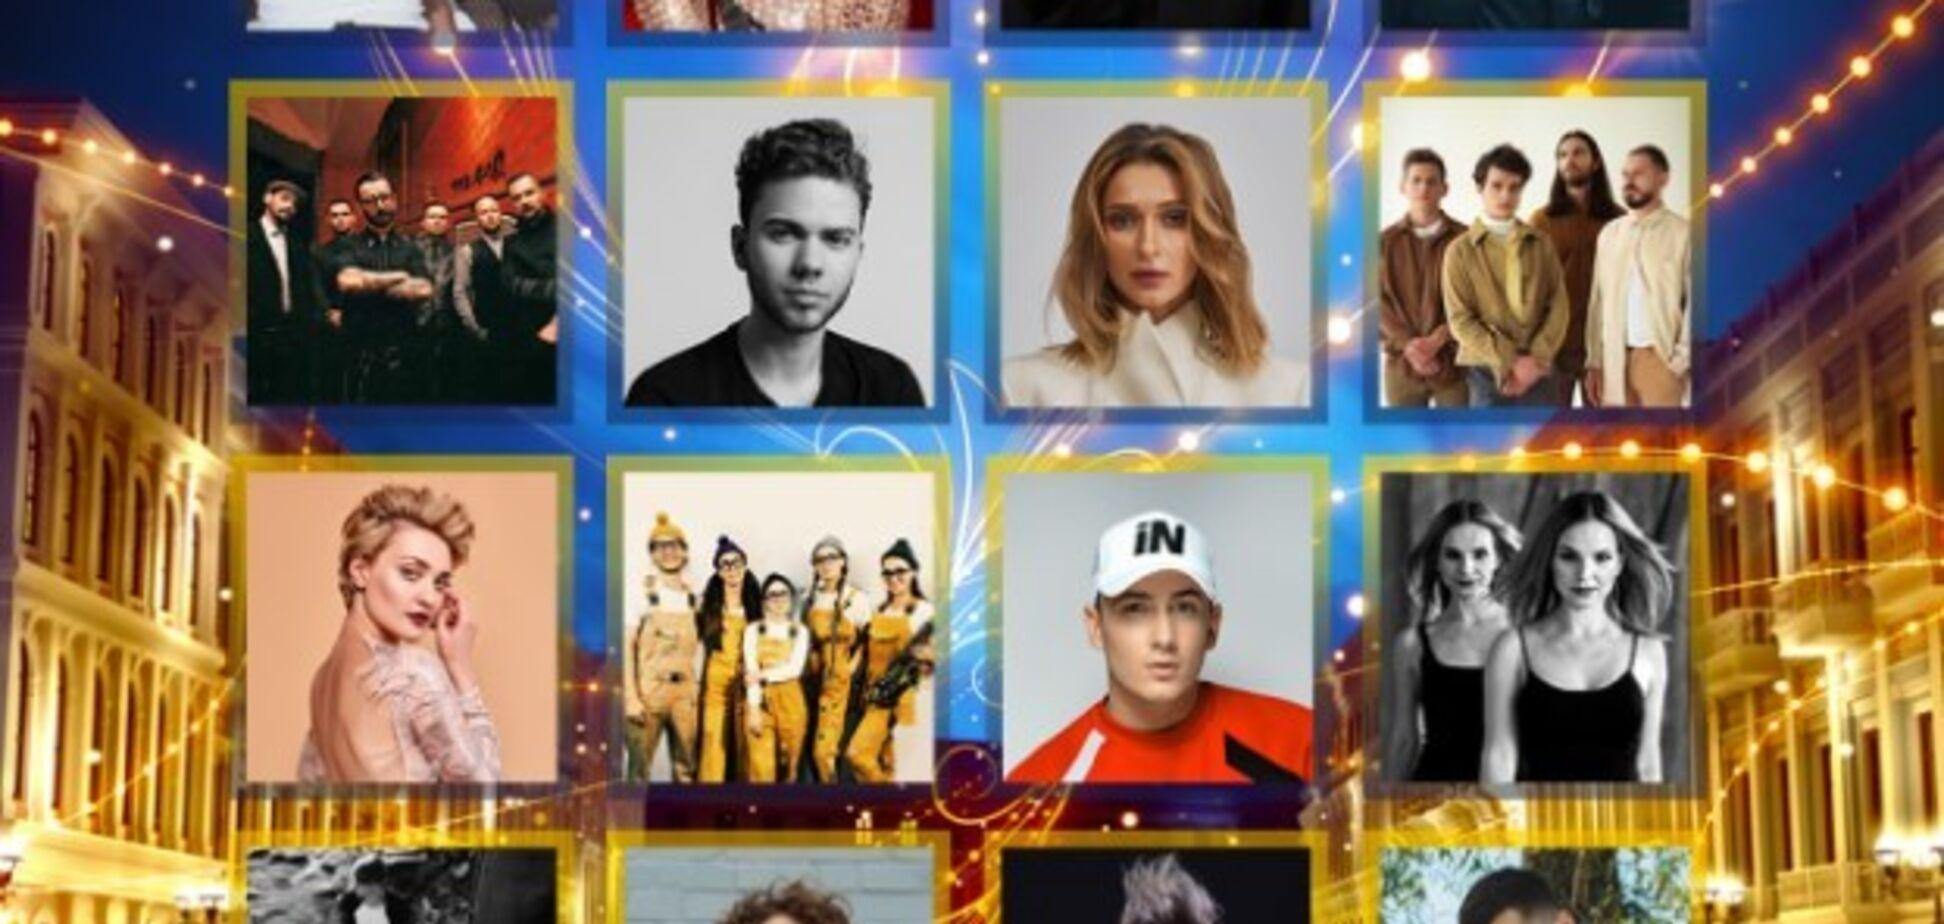 Кто они и что поют? Главное о претендентах на Евровидение от Украины. Часть 2